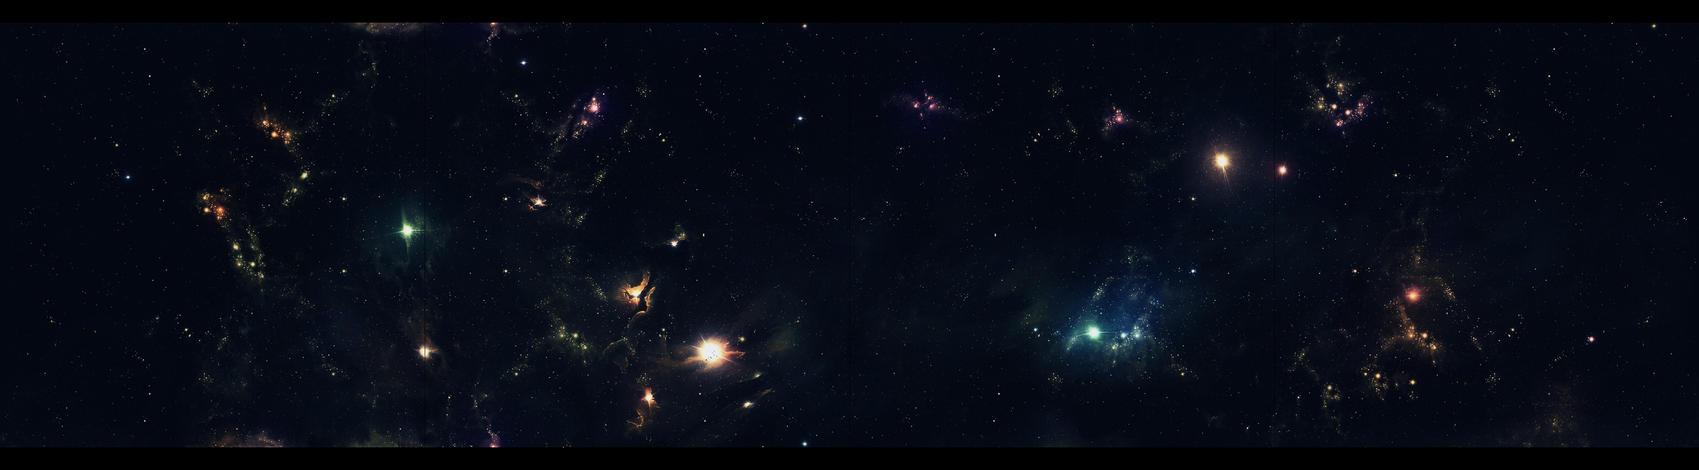 GeminiWarsSurvey - SpaceBox06 by Krzyzowiec